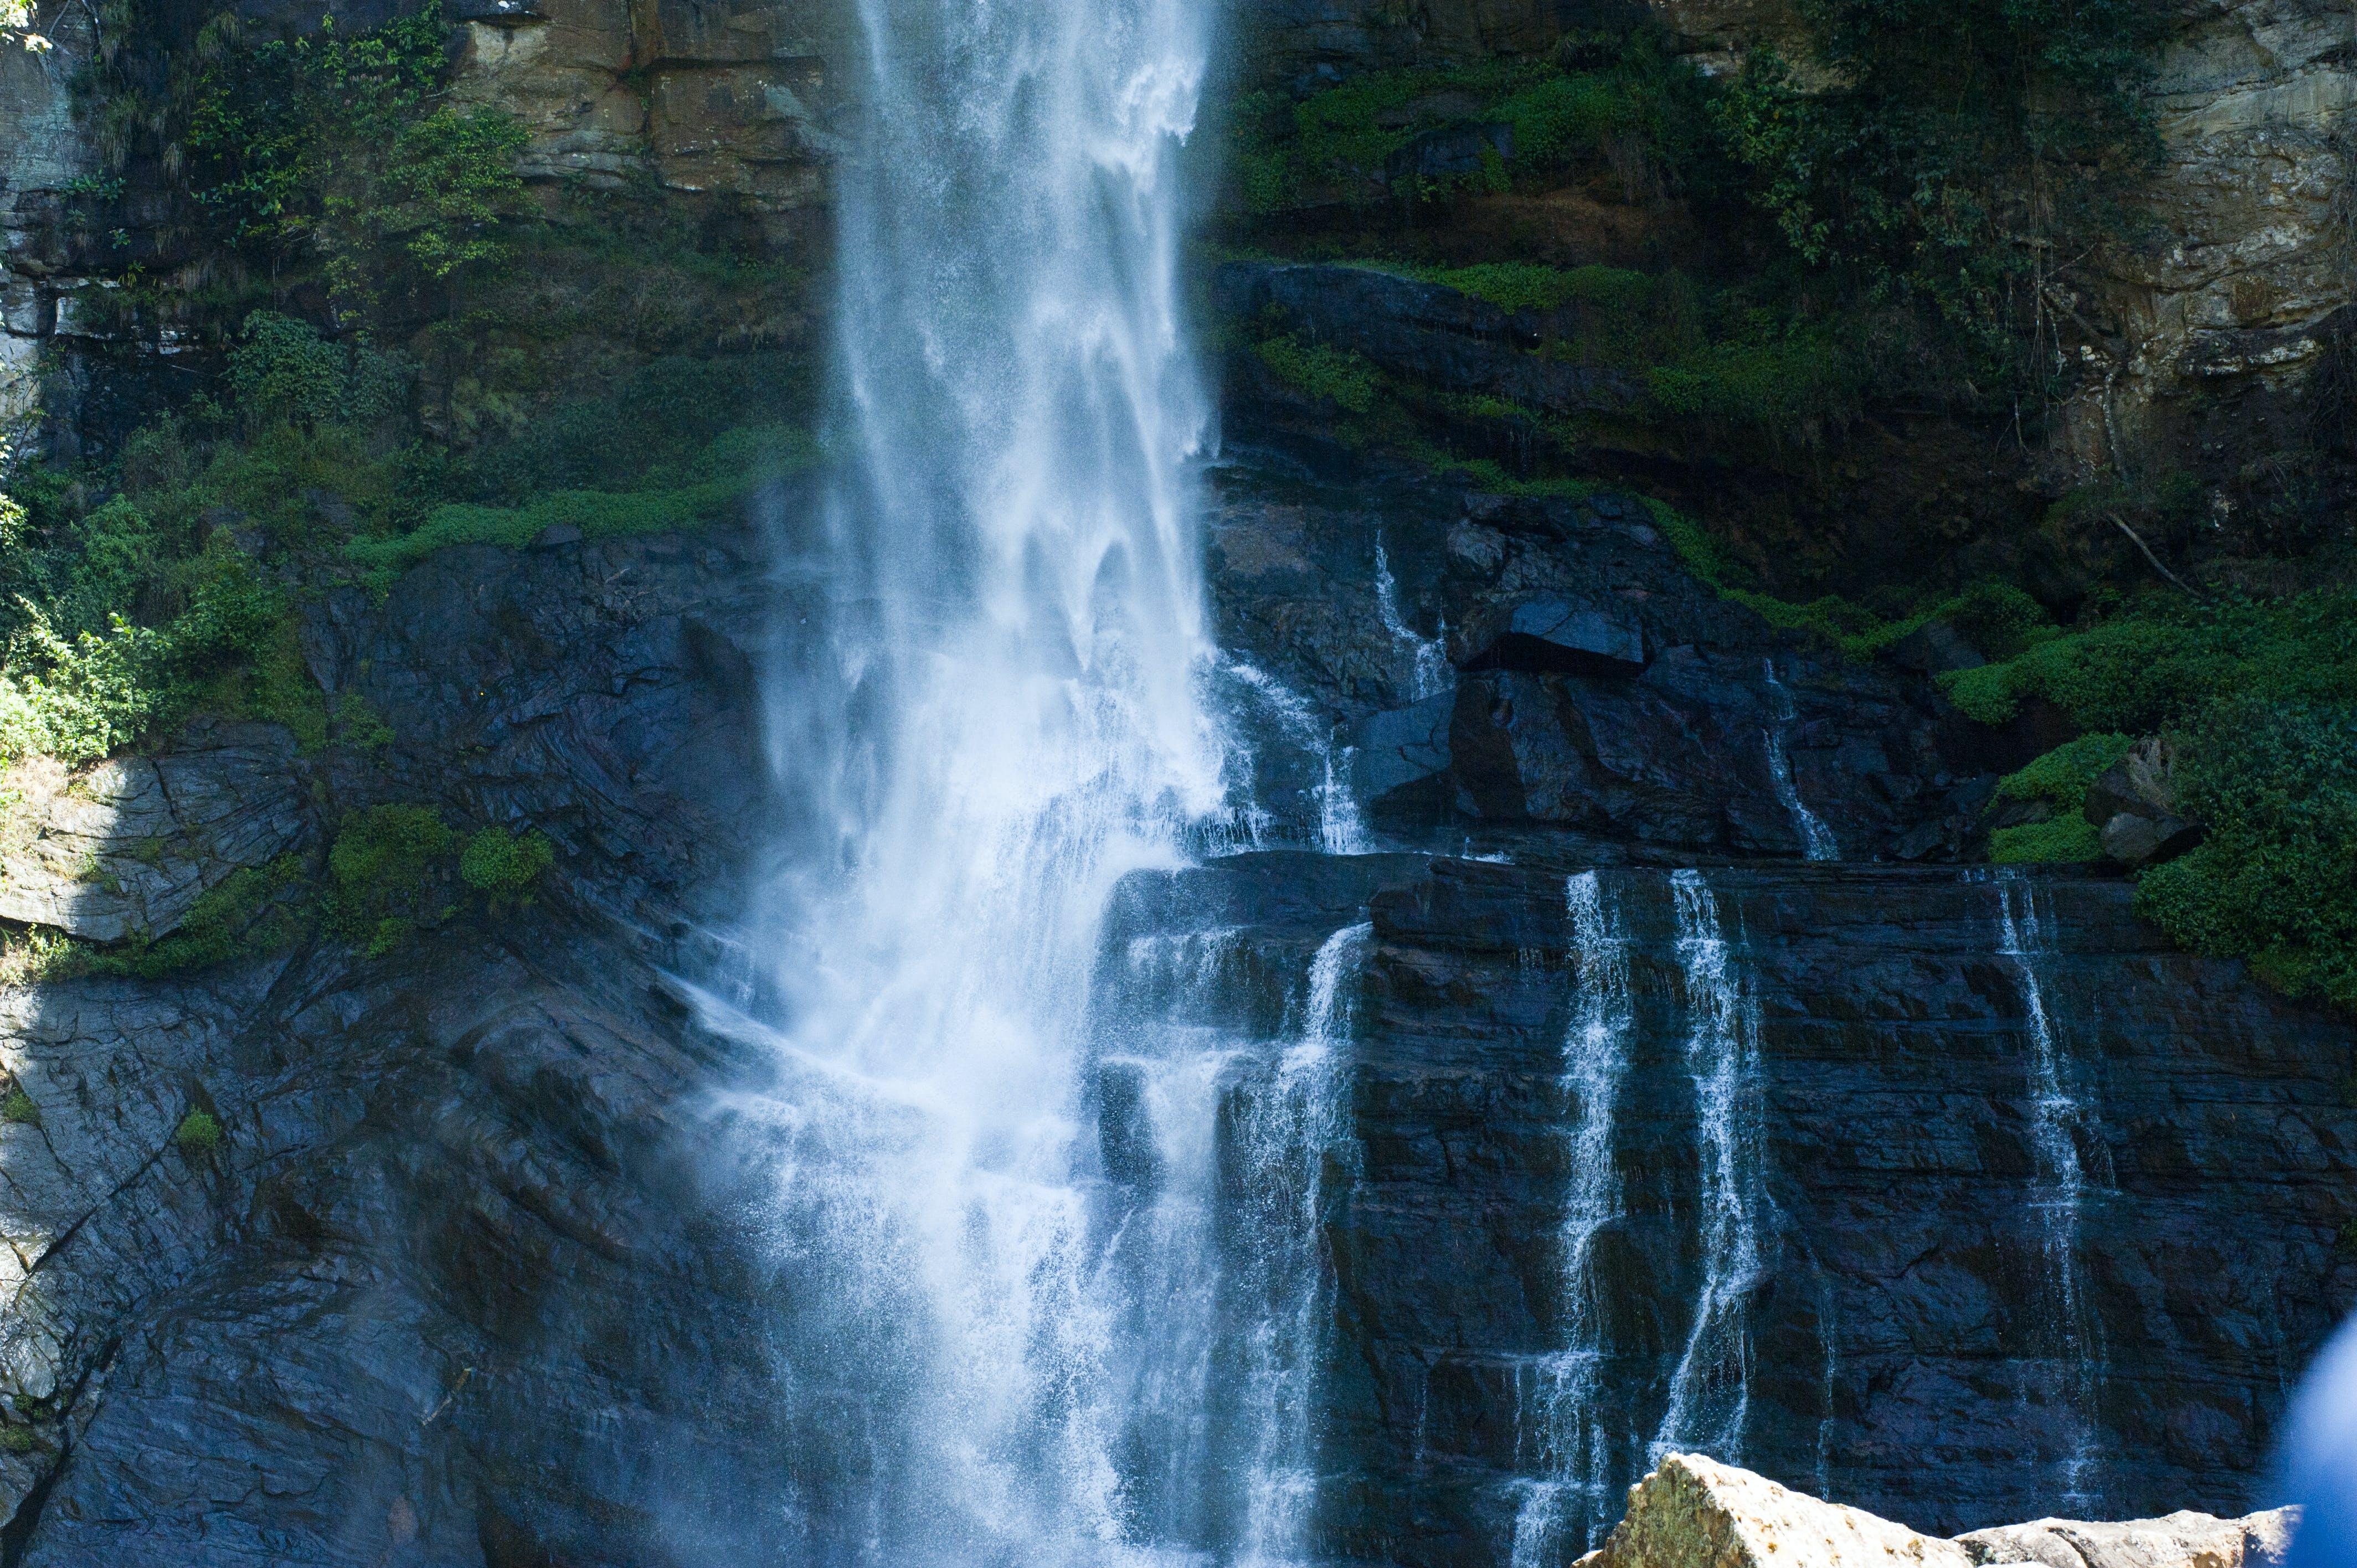 กลางวัน, ธรรมชาติ, น้ำ